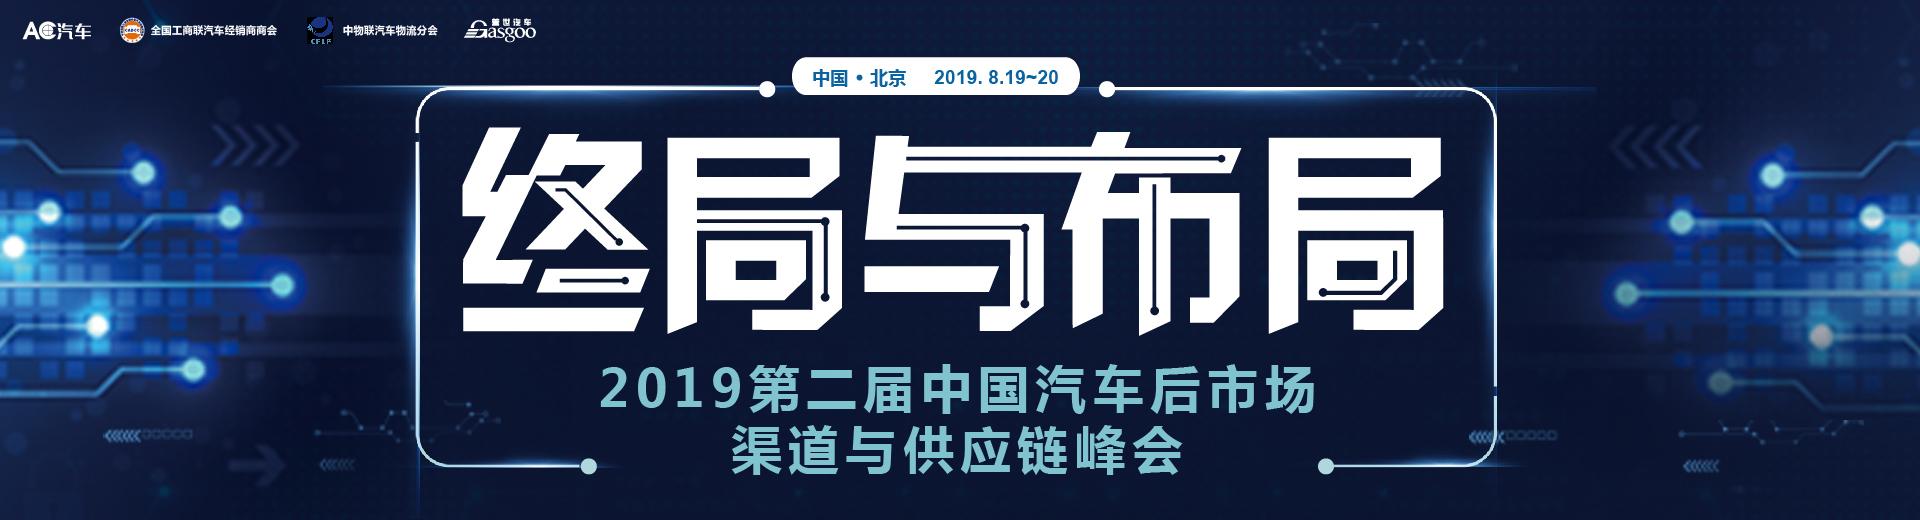 终局与布局 | 2019第二届中国汽车后市场渠道与供应链峰会